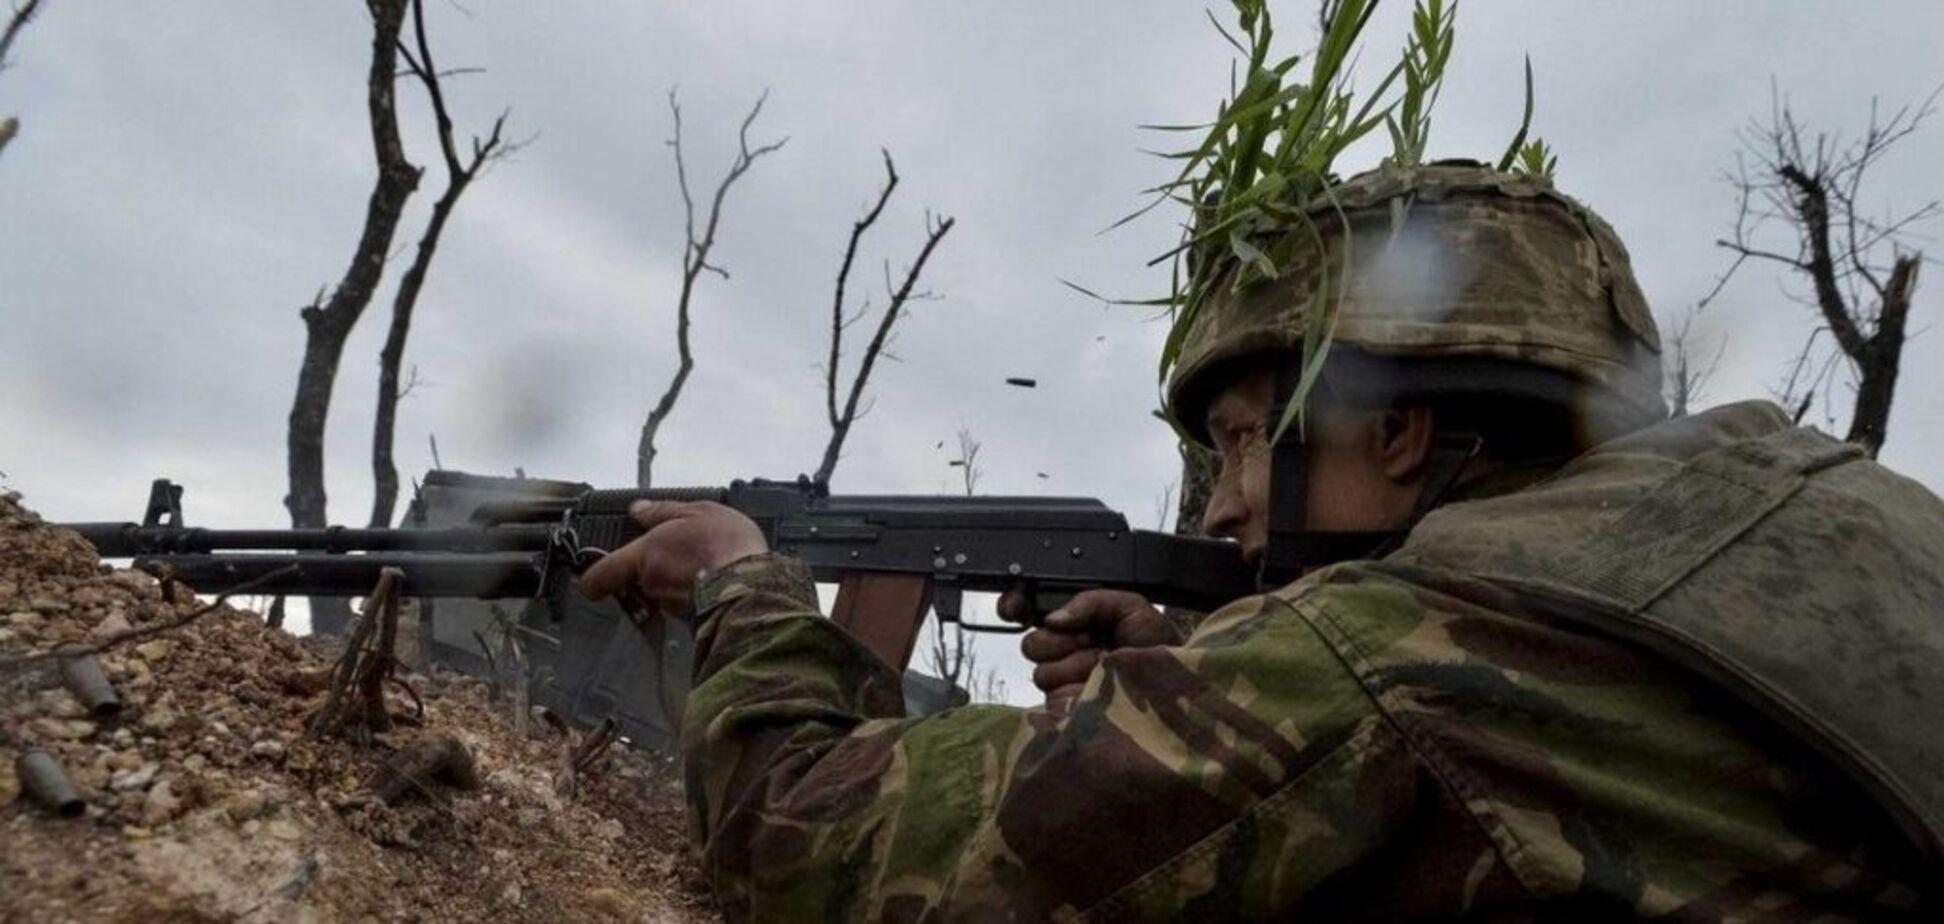 Террористы 'Л/ДНР' подло напали на ВСУ на Донбассе: ранен украинский защитник